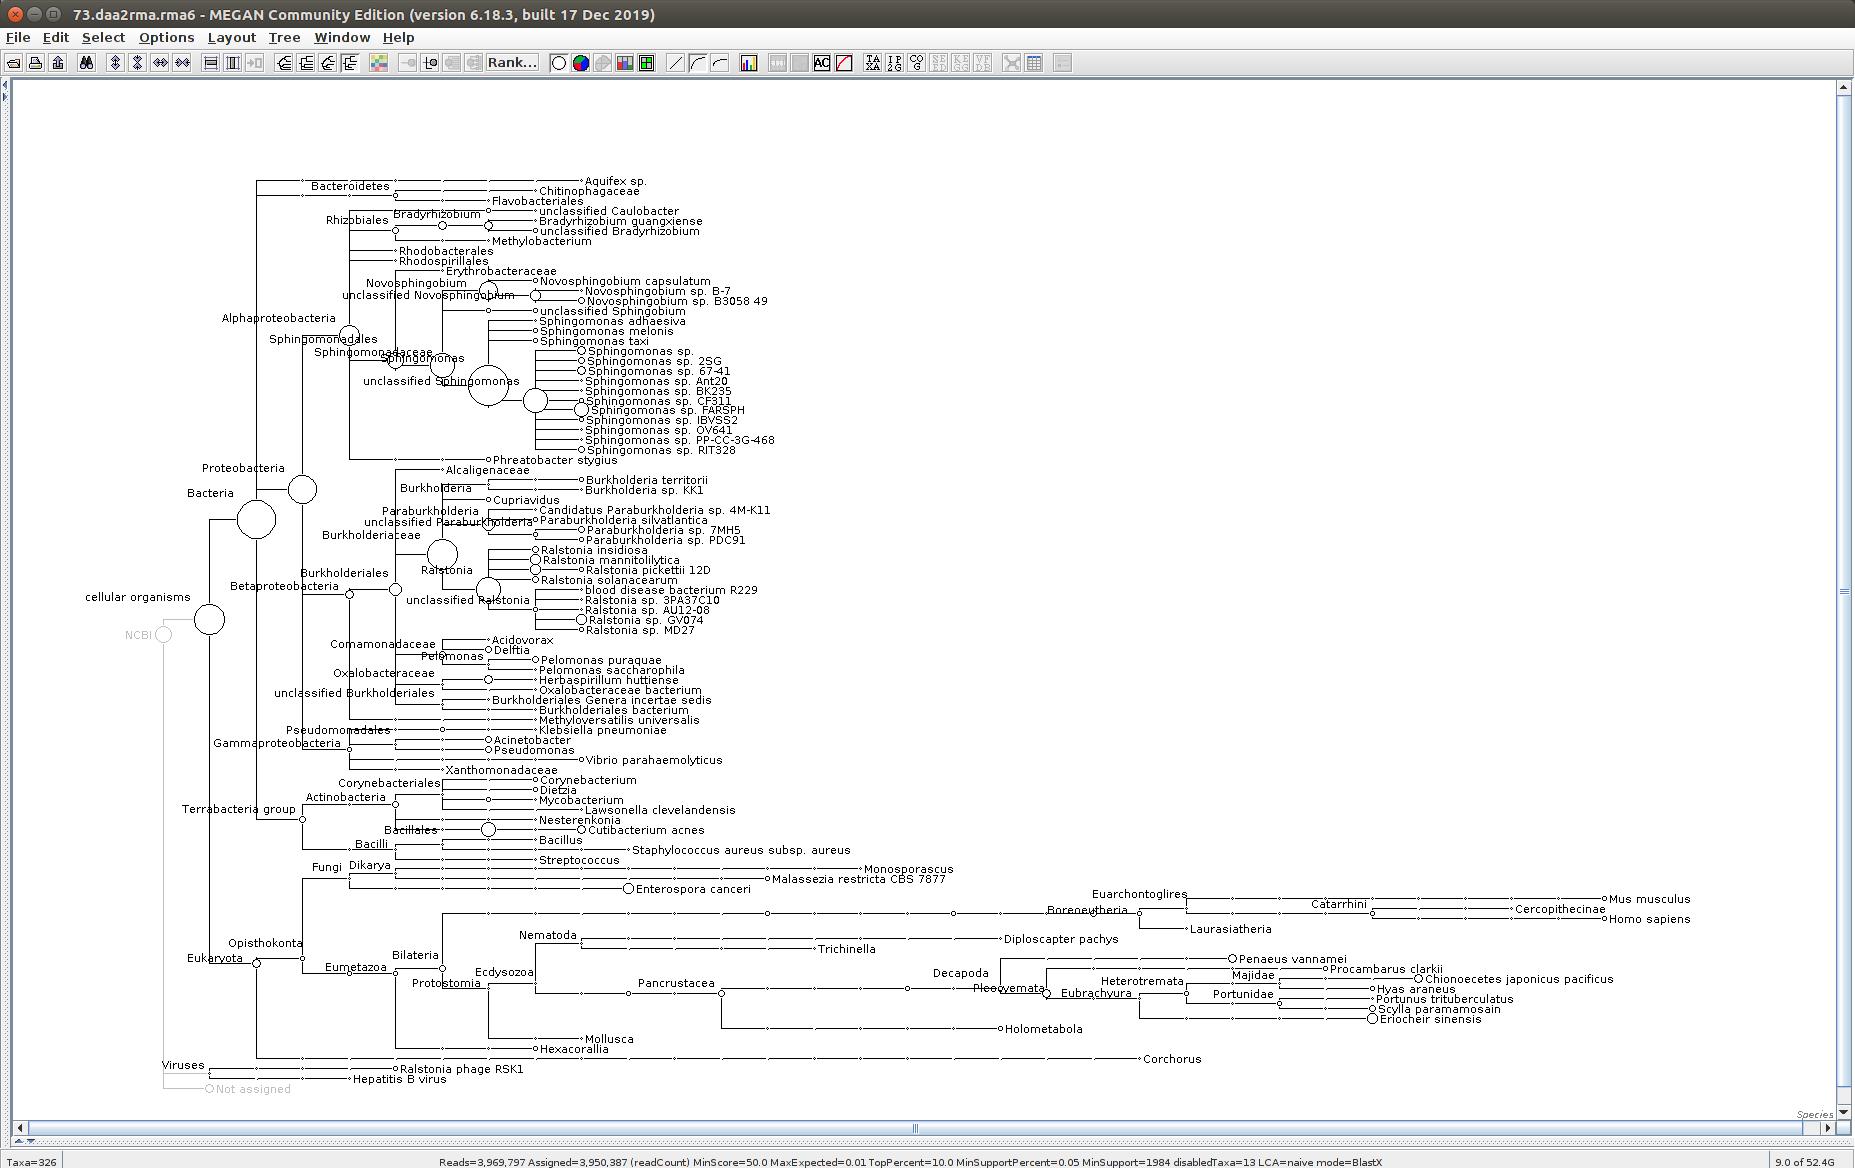 73 MEGAN6 taxonomic tree